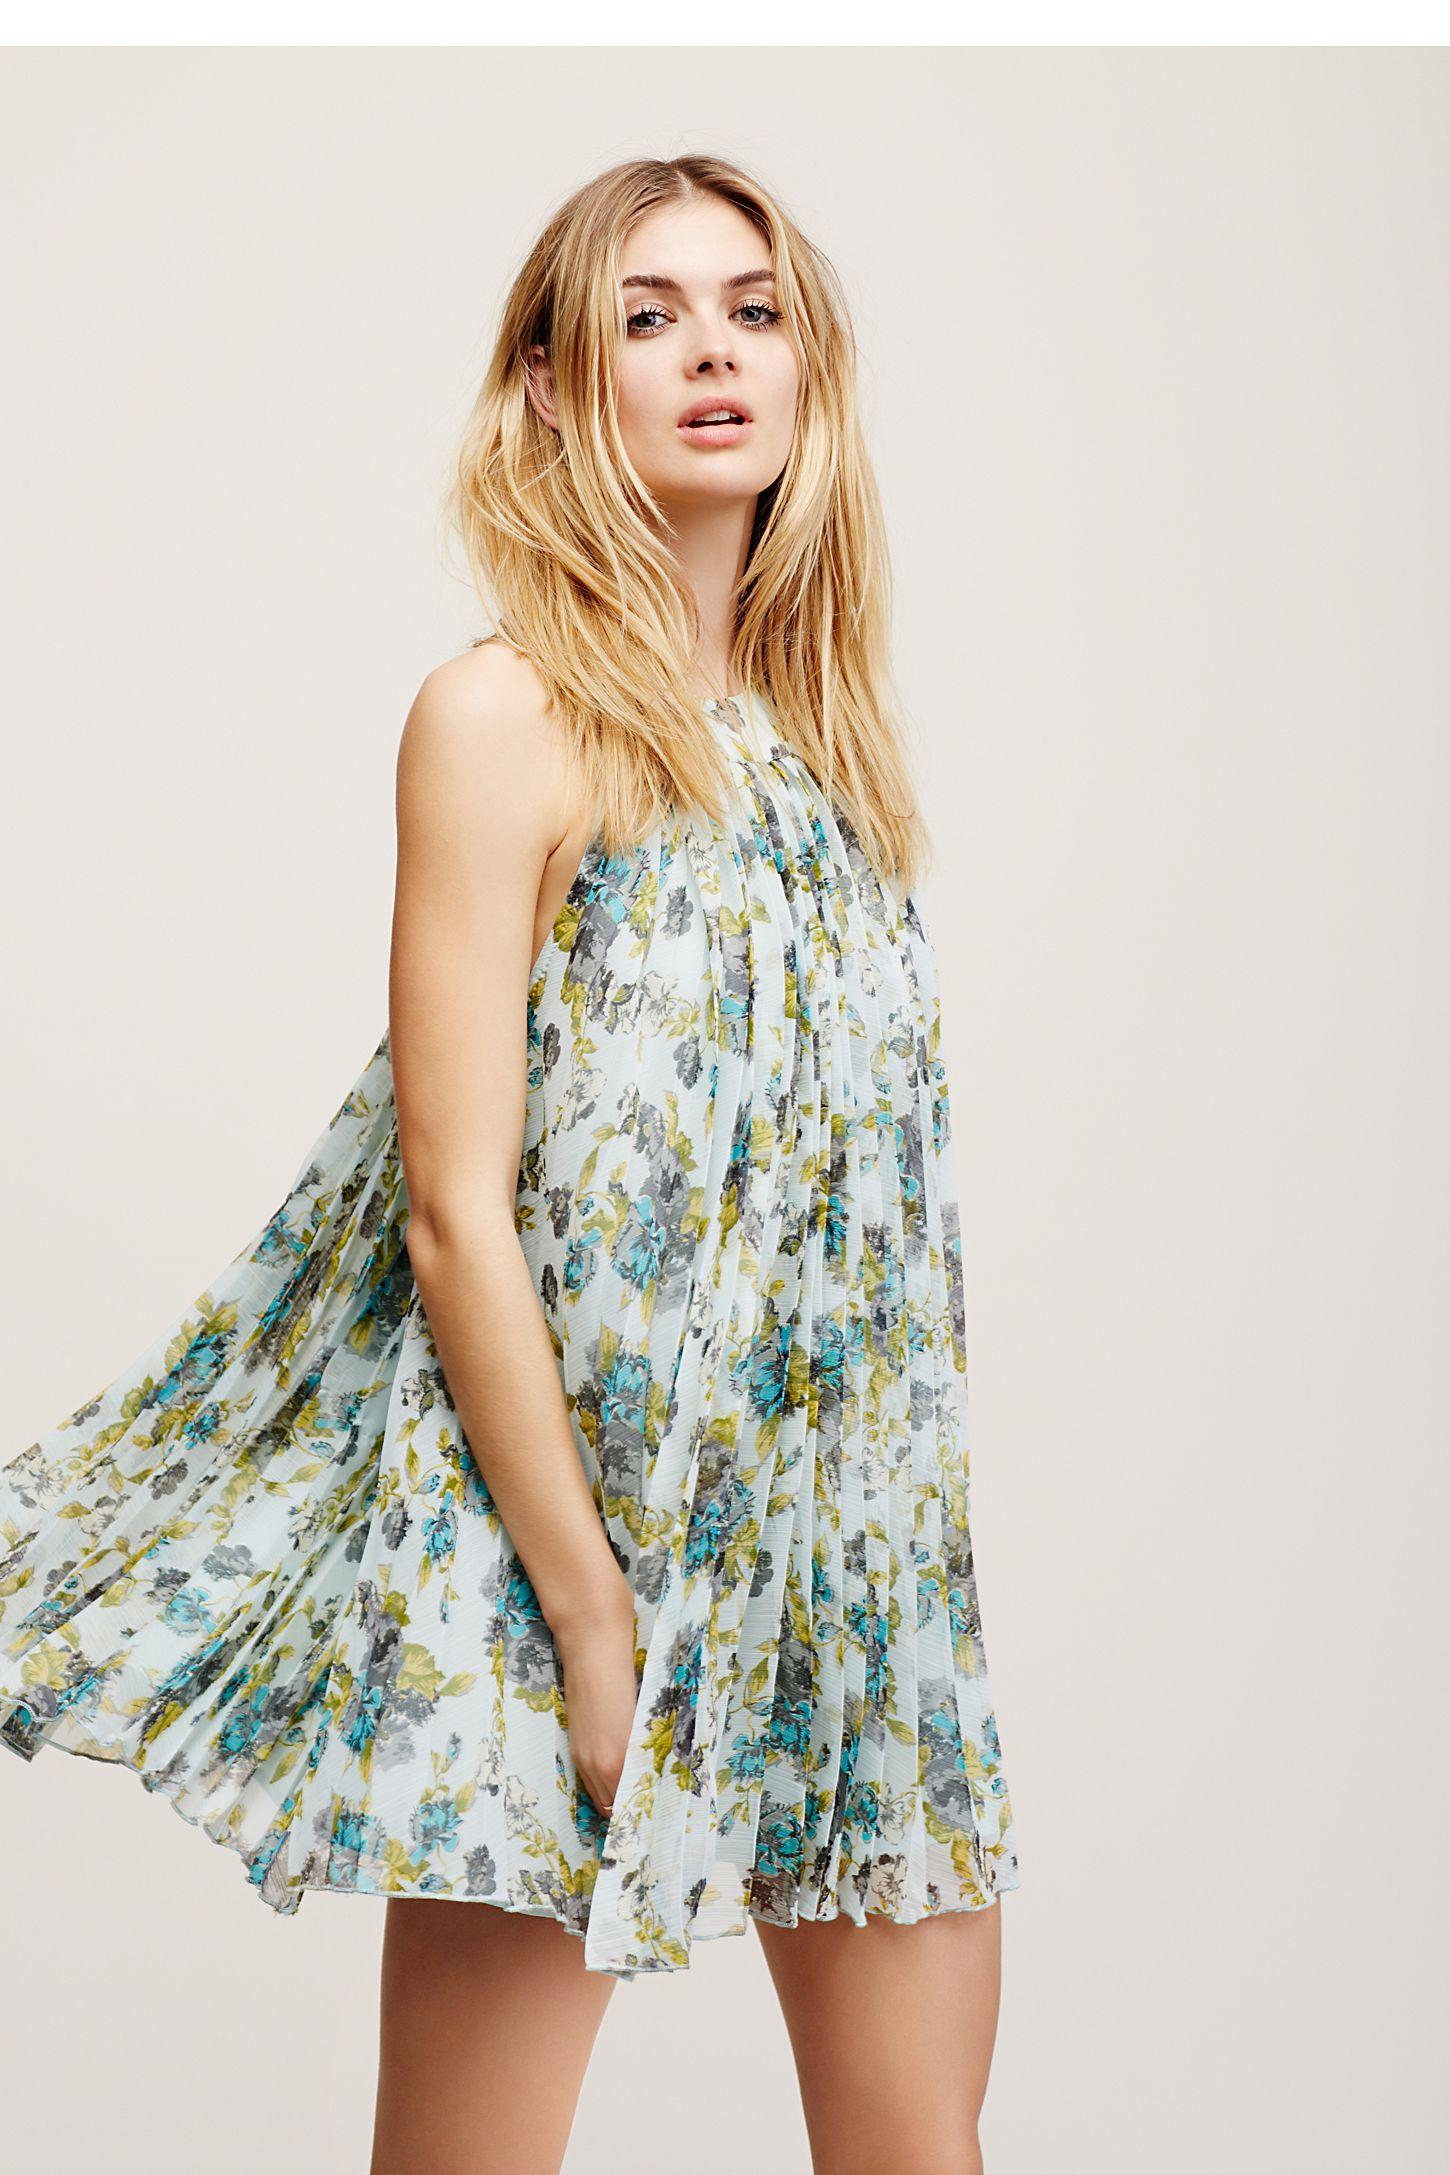 Floral Pleated Mini Dress  379b4101f